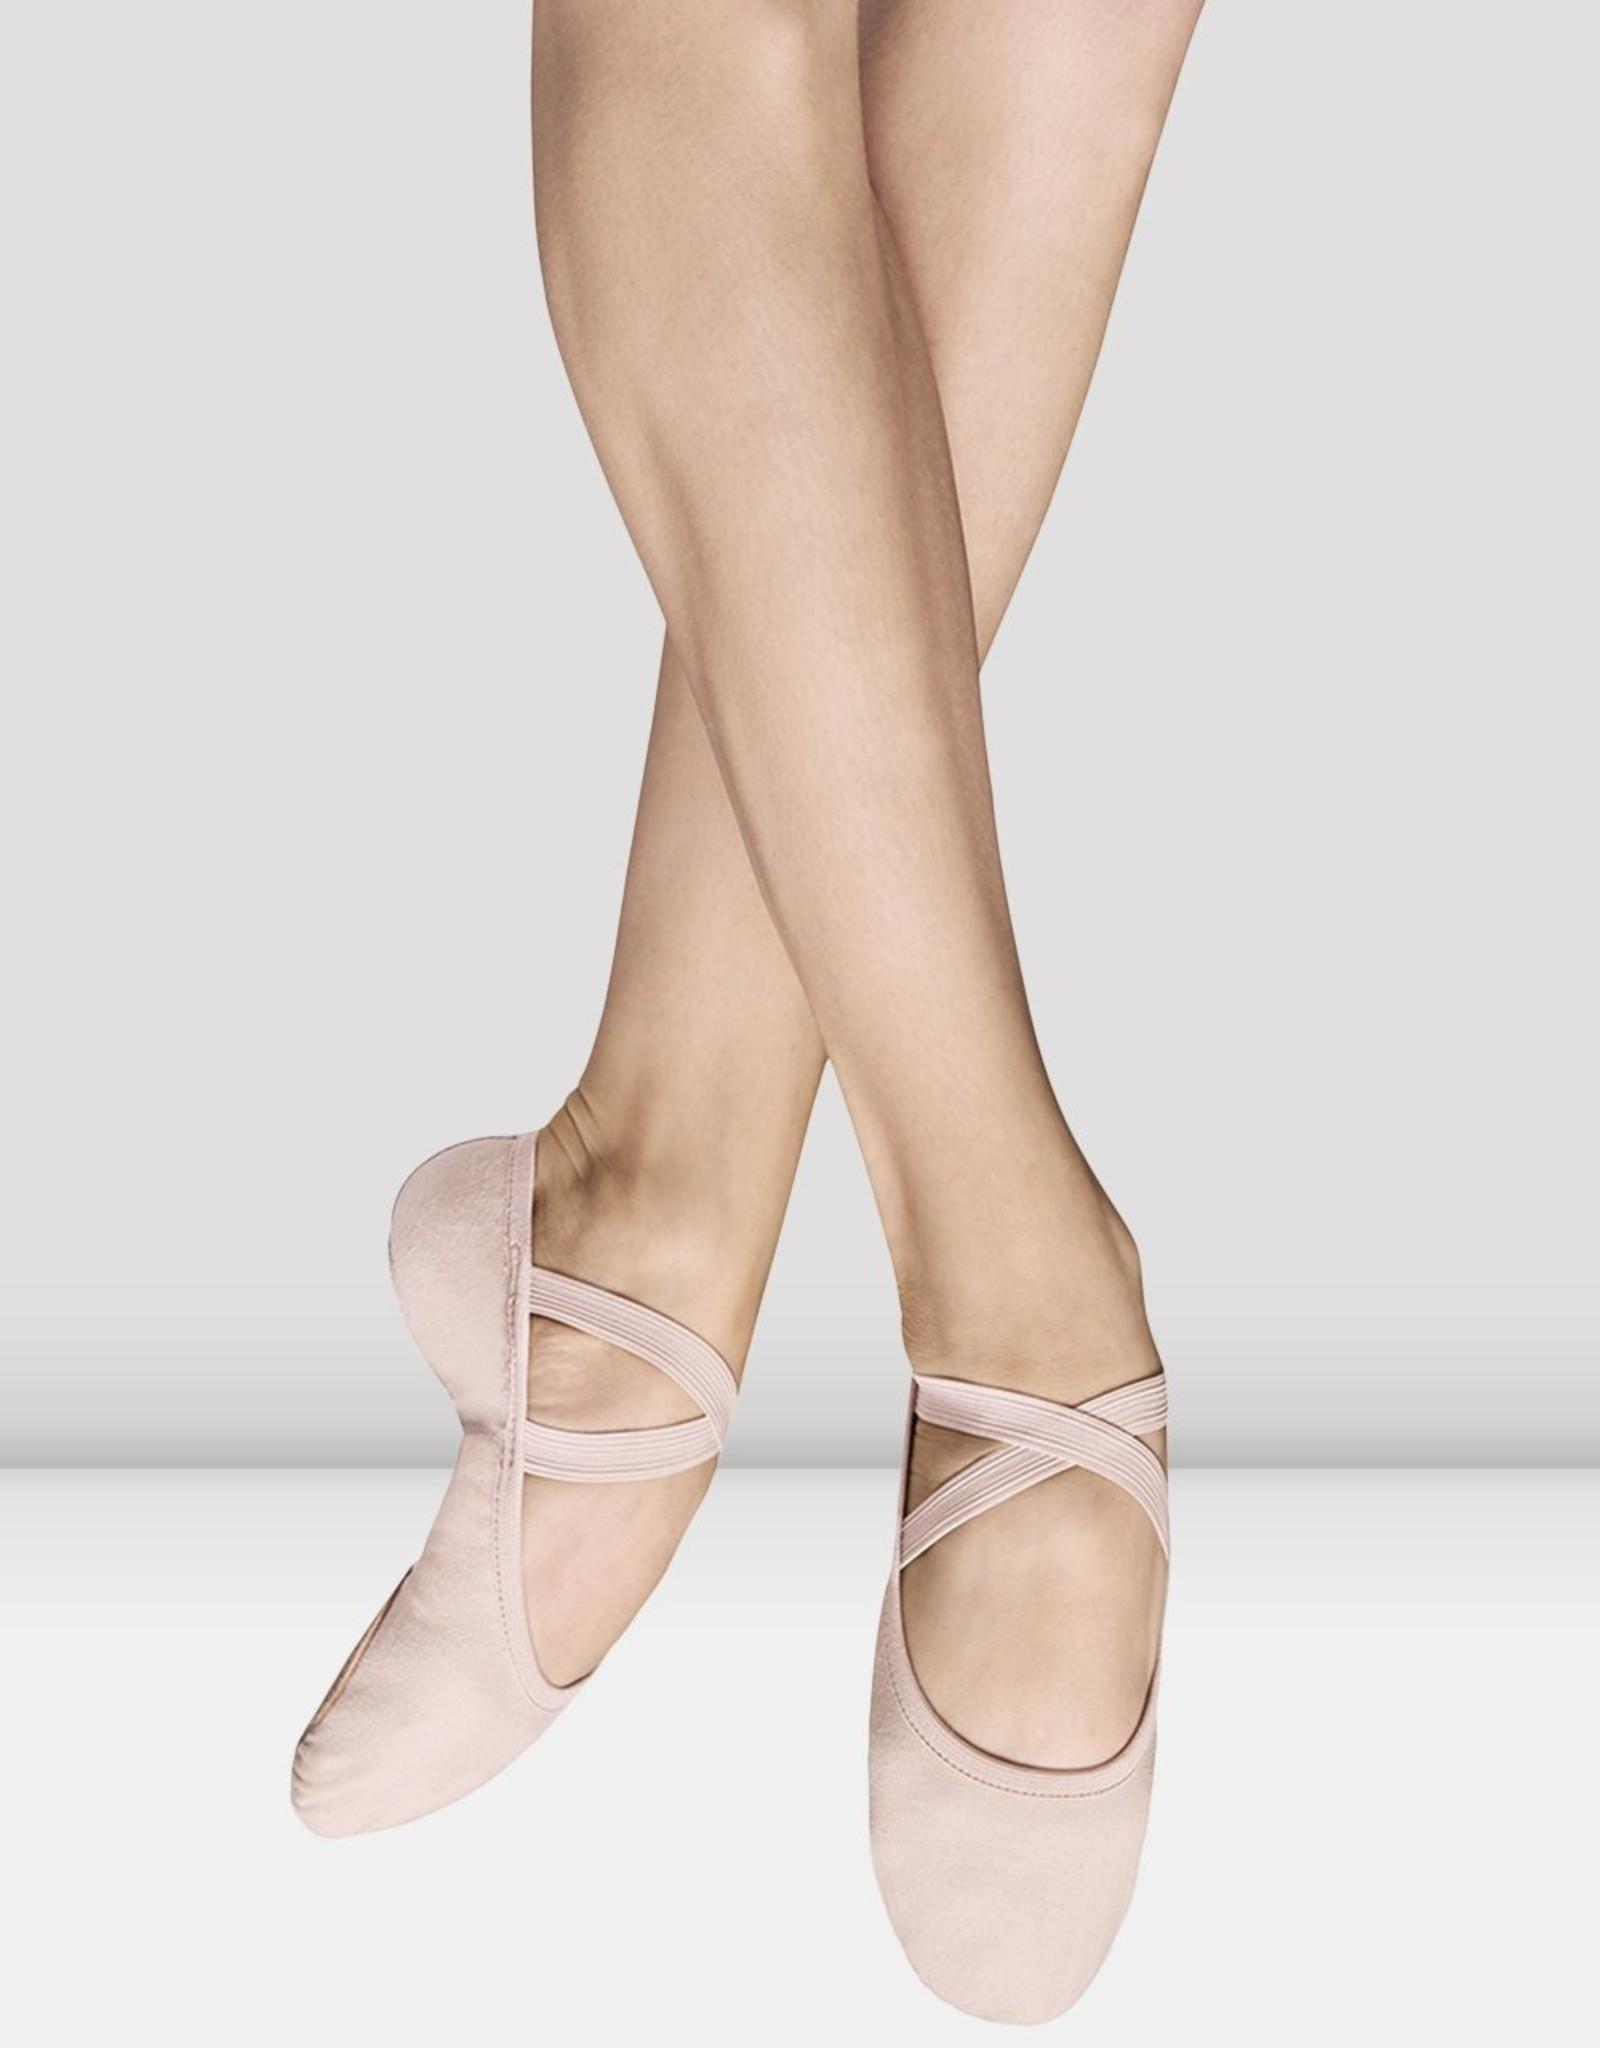 Bloch Bloch Children's Performa Ballet Shoes - S0284G